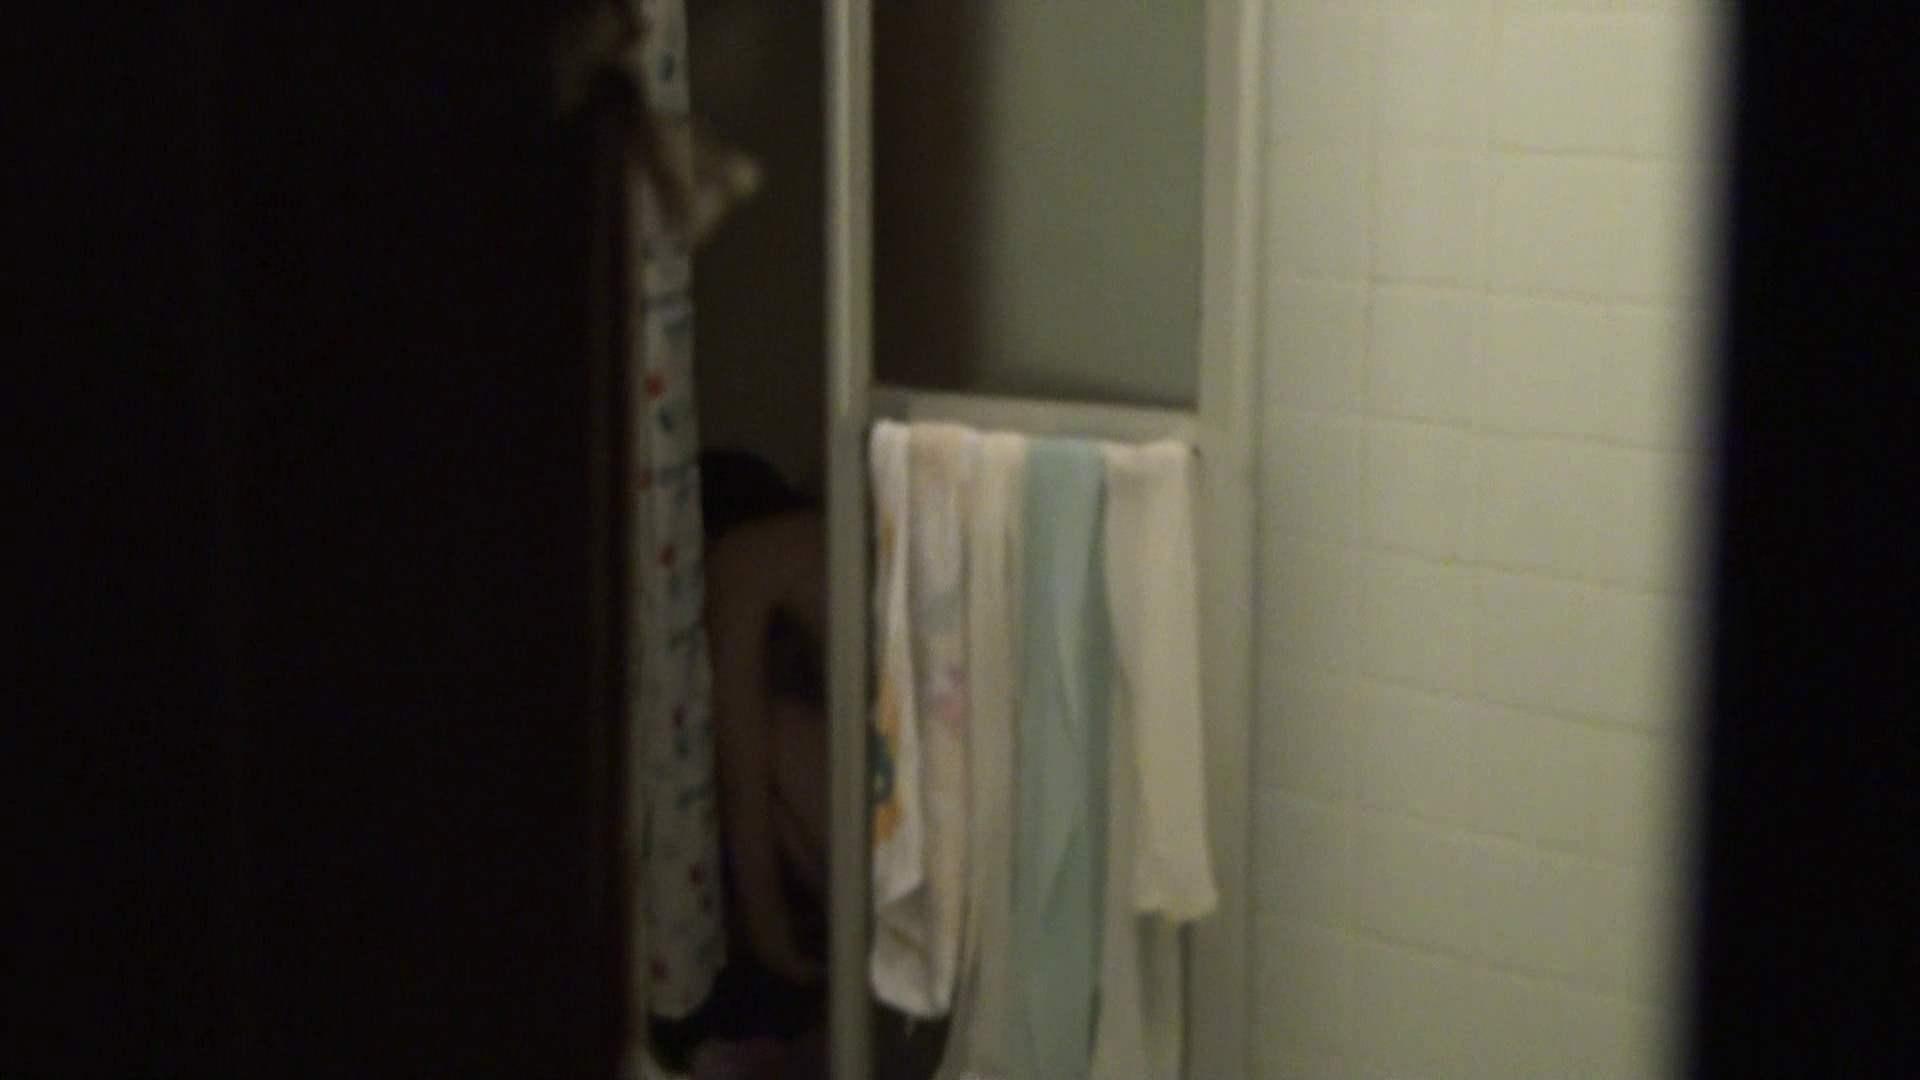 vol.06顔を洗い流す極上お女市さんの裸体をハイビジョンで!風呂上り着替え必見!